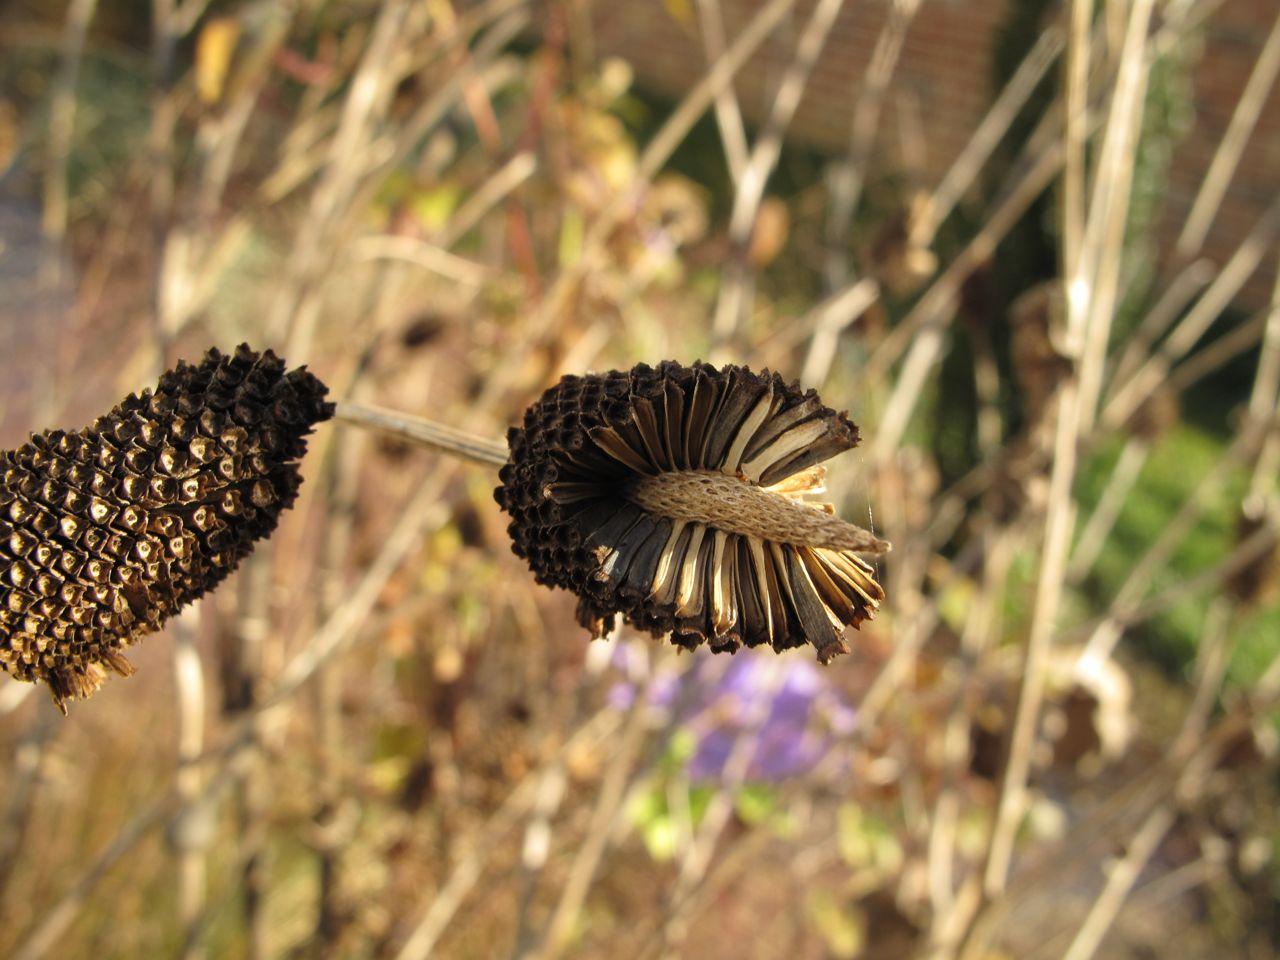 Seed heads of Rudbeckia hirta 'Irish Eyes'